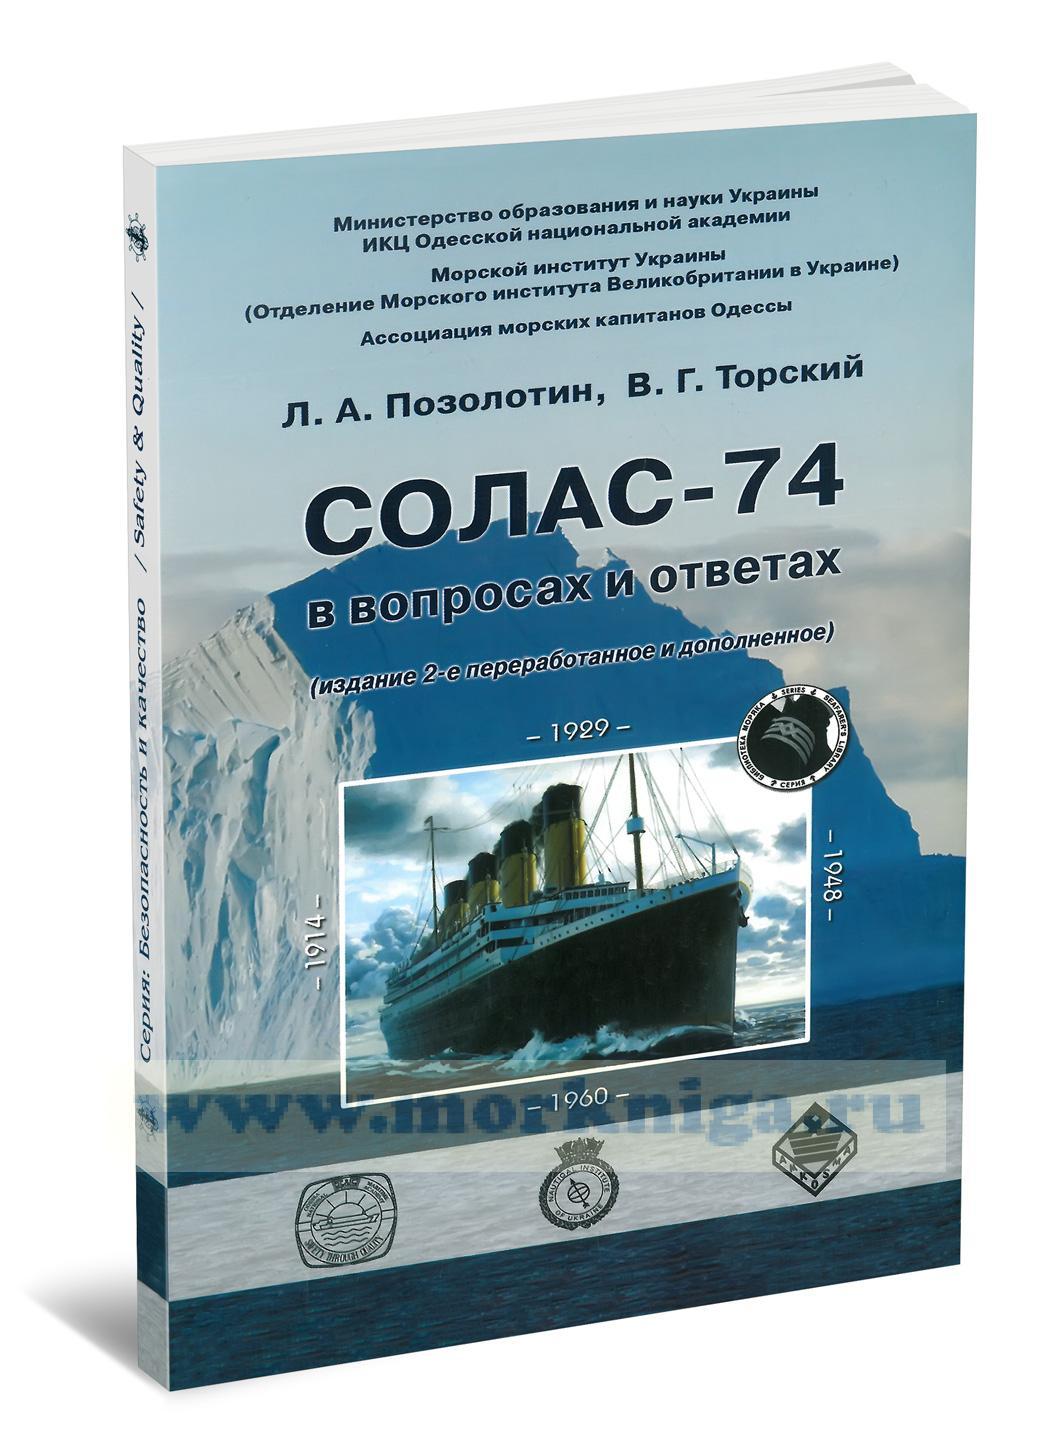 СОЛАС-74 в вопросах и ответах (2-е издание, переработанное и дополненное)